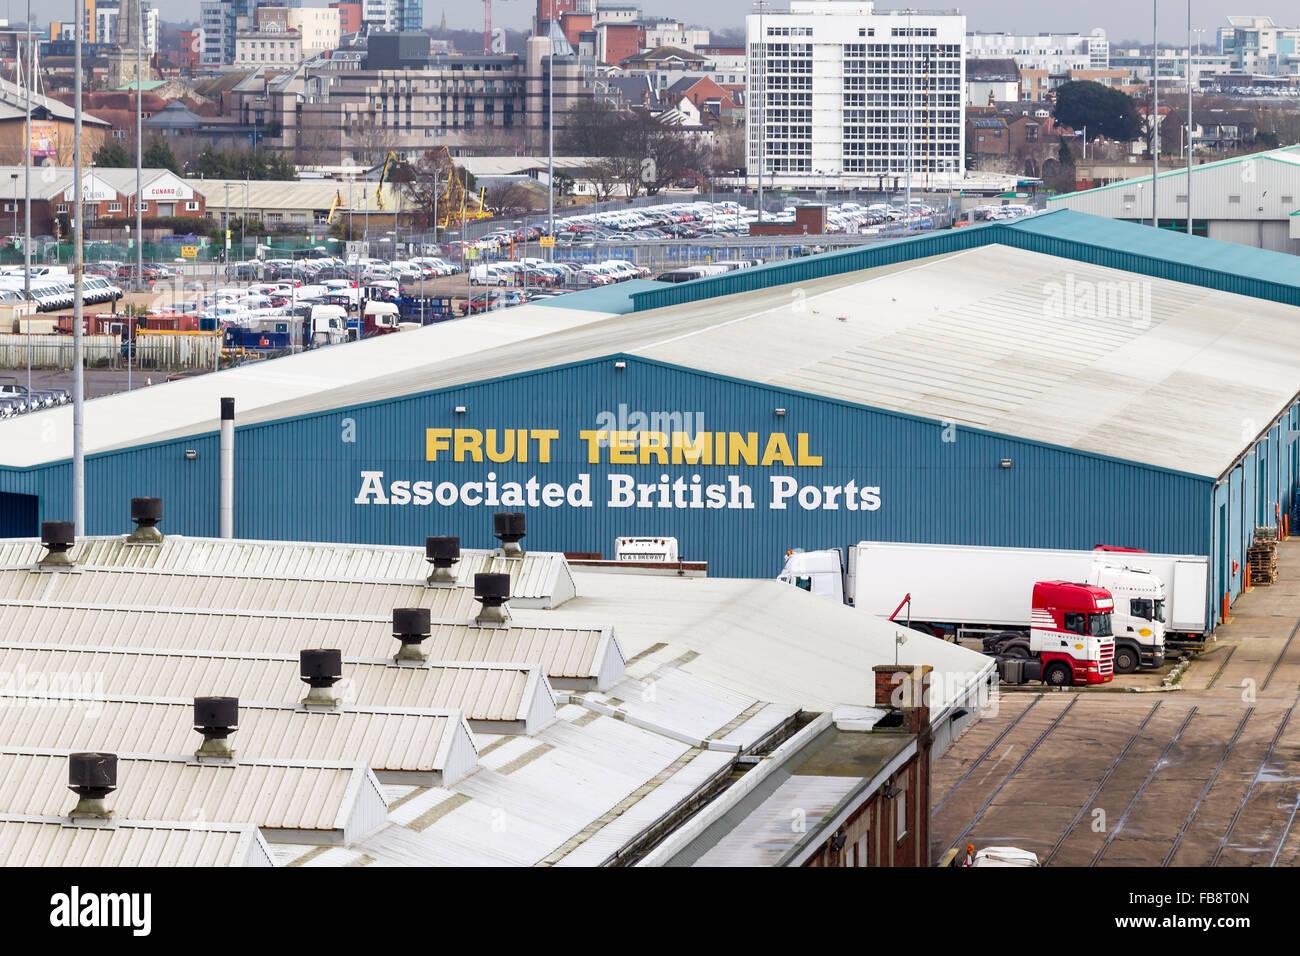 Southampton Docks in der Nähe von Mayflower Cruise Terminal im Laufe des Nachmittags. Stockbild